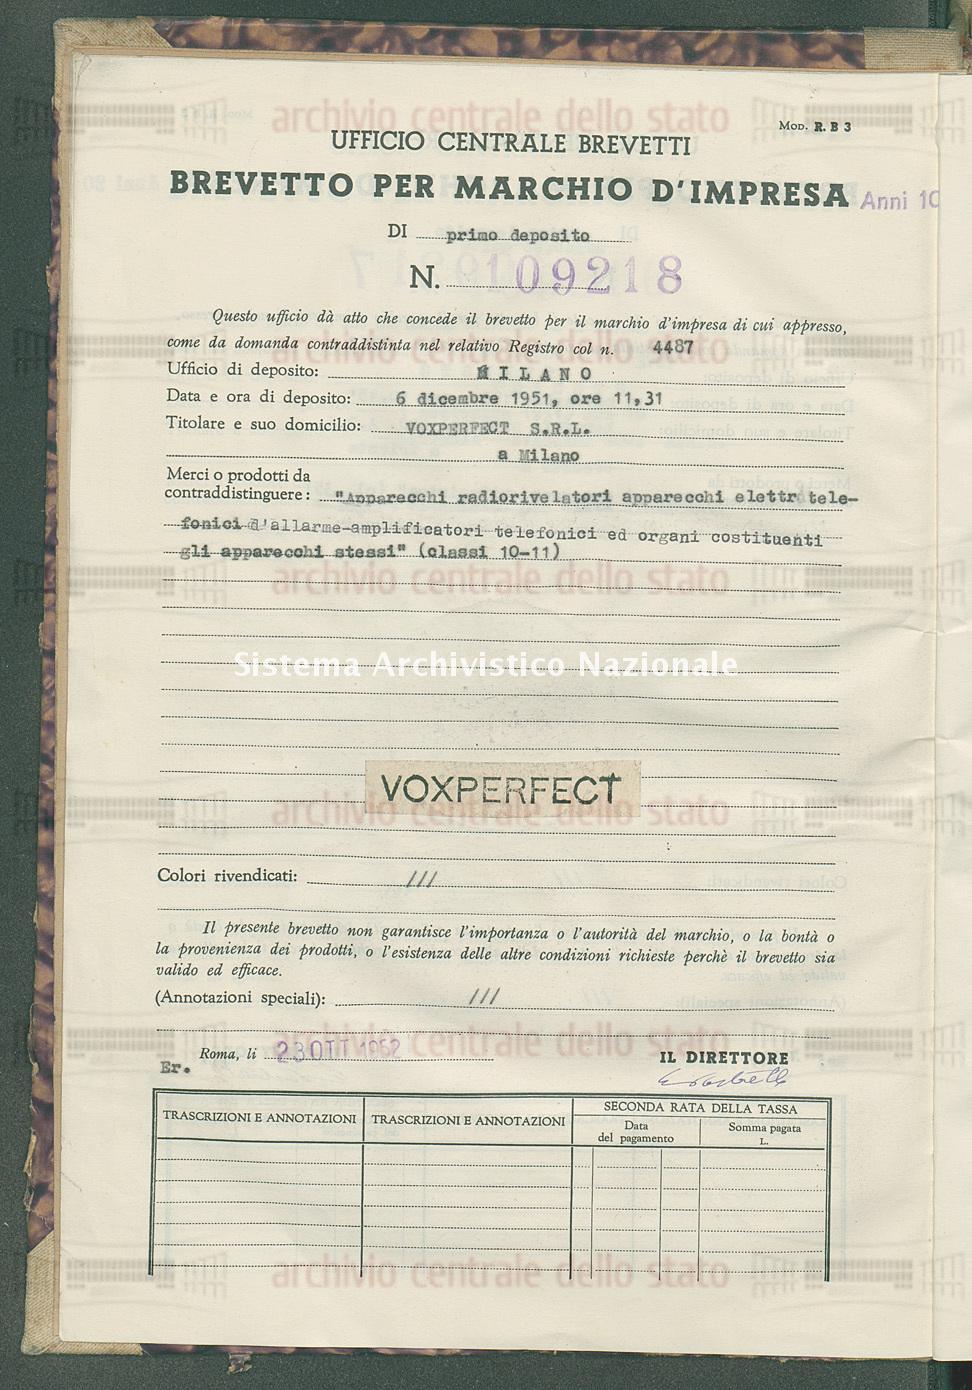 'Apparecchi radiorivelatori apparecchi elettrotelefonici d'allarme ecc Voxperfect S.R.L. (23/10/1952)